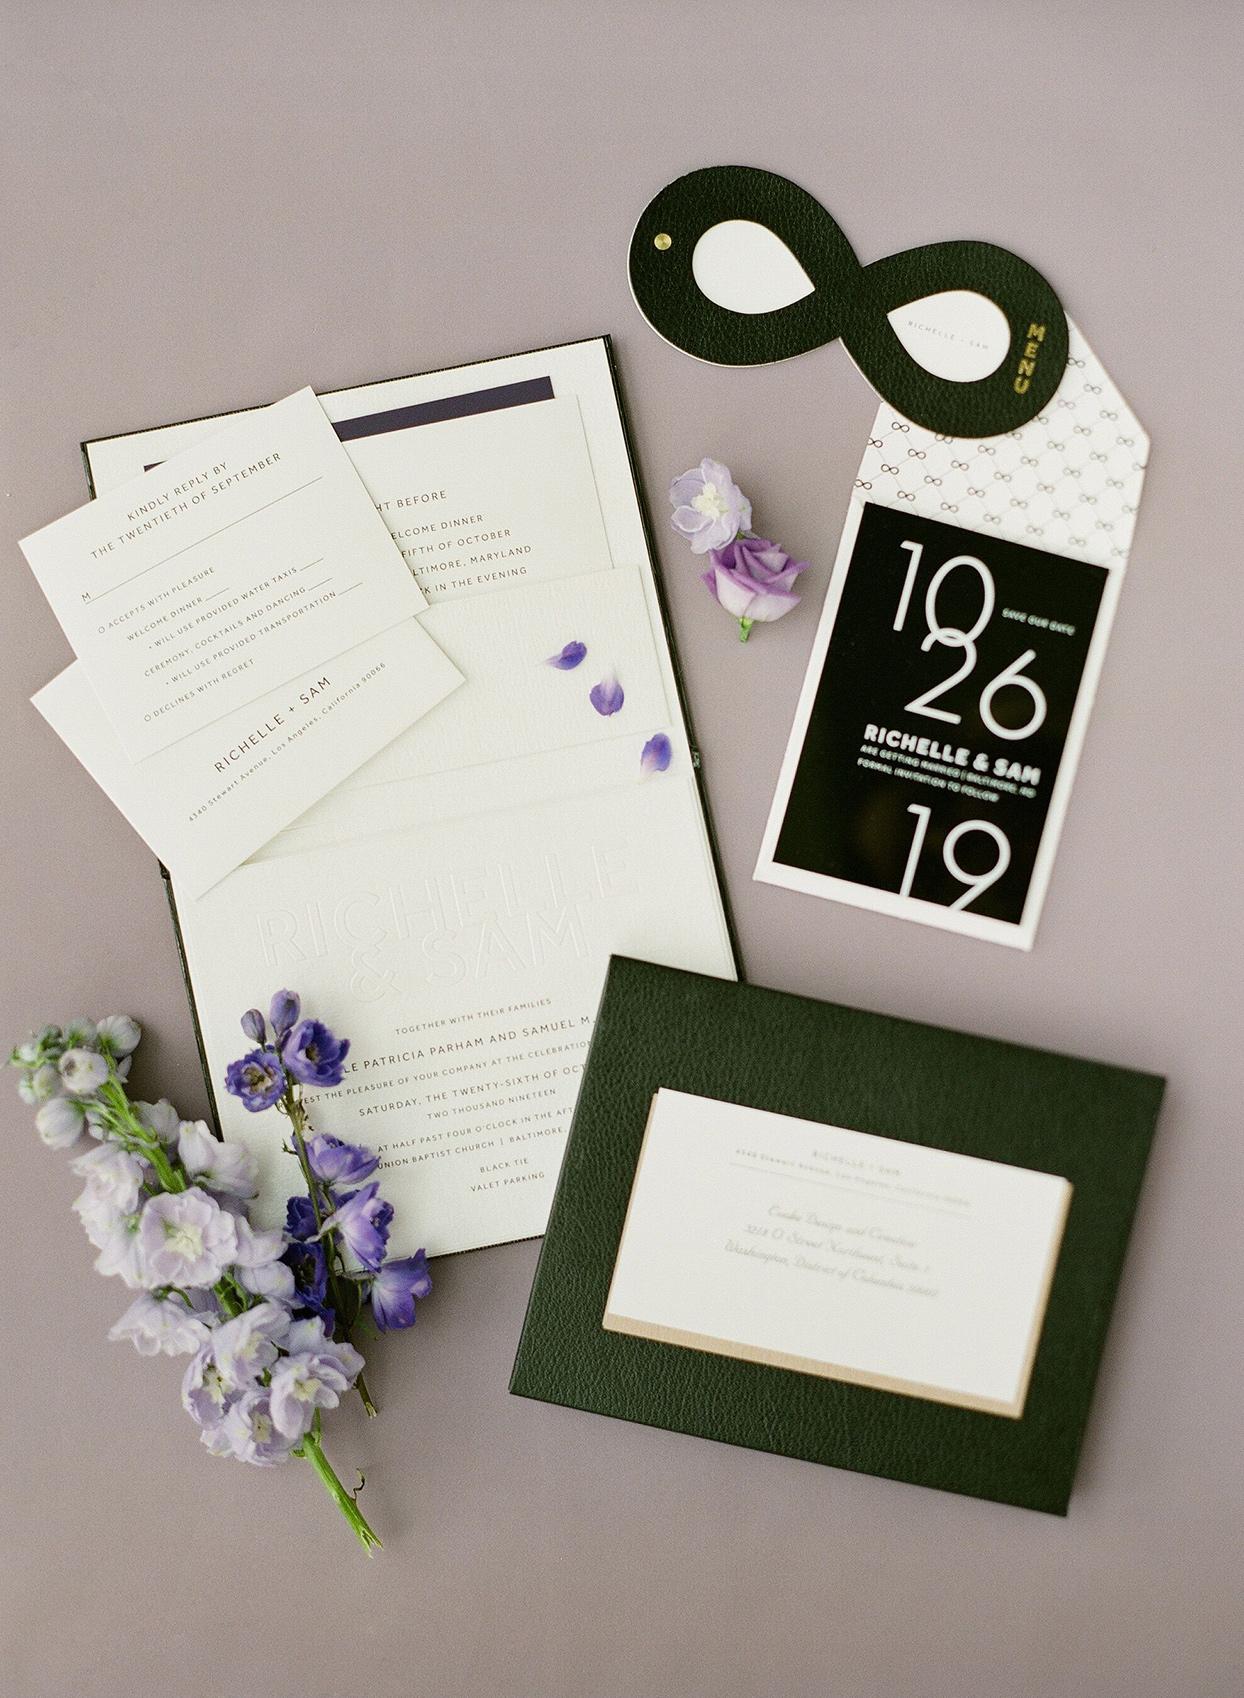 black, white, and purple elegant graphic suite